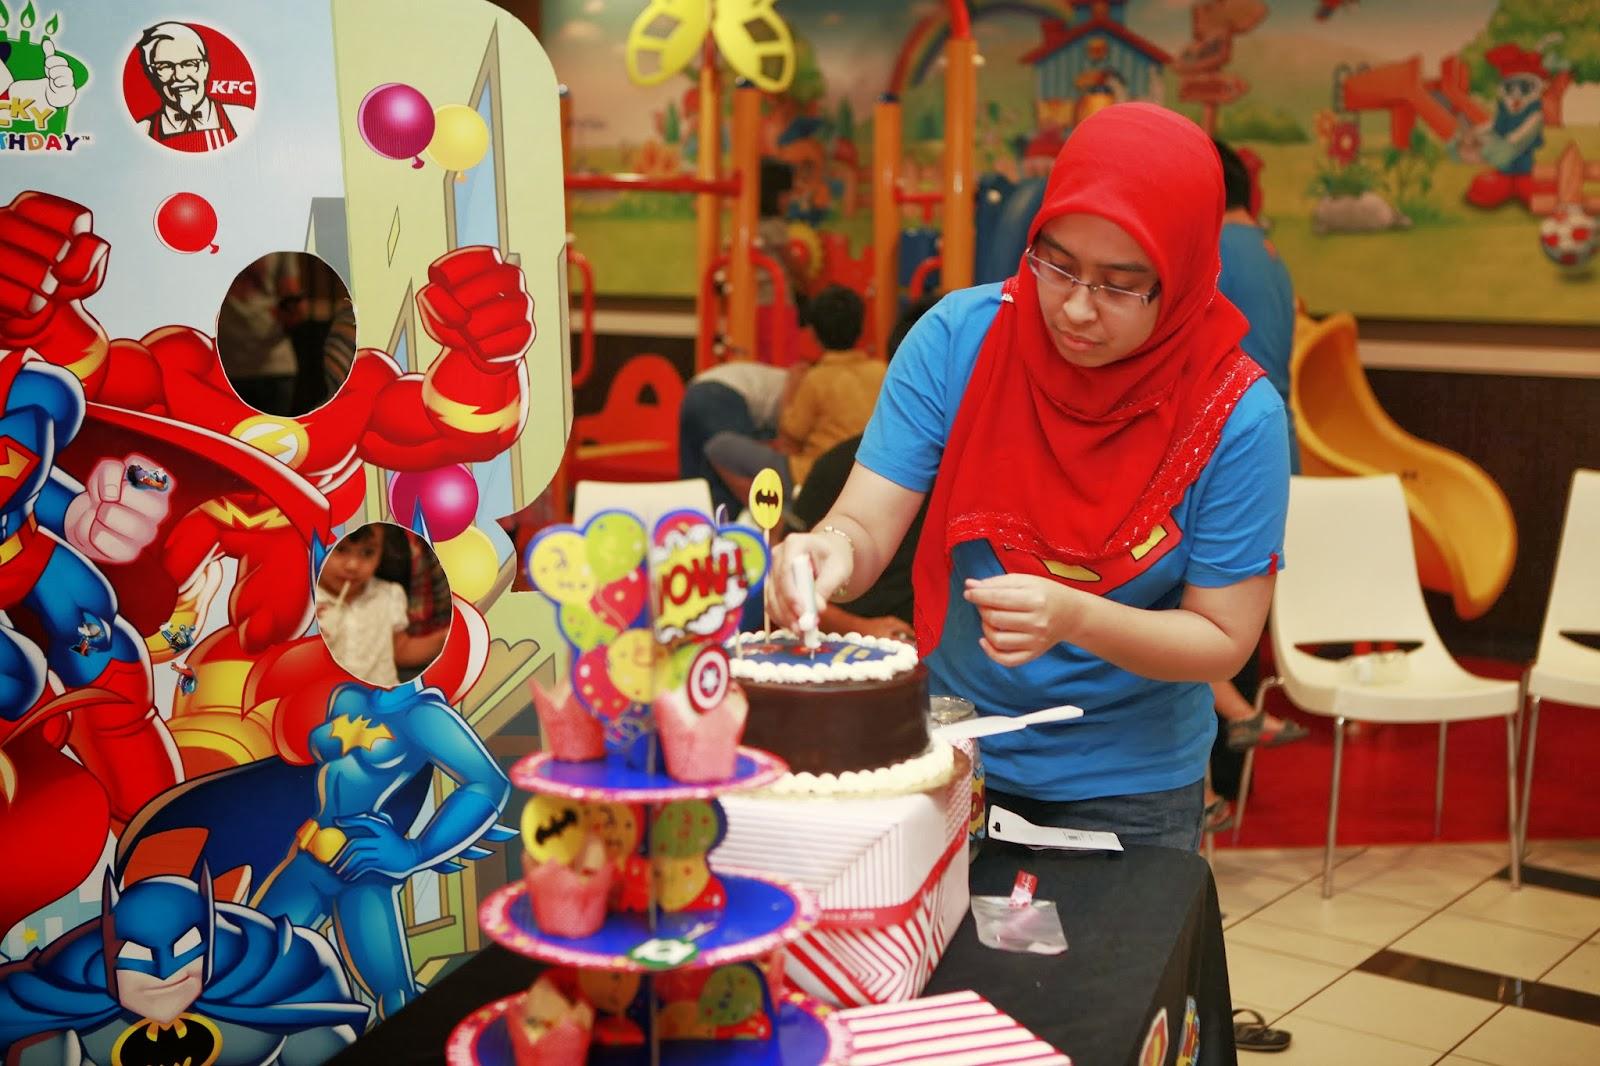 Ruzain 1st Birthday @KFC Subang Parade!